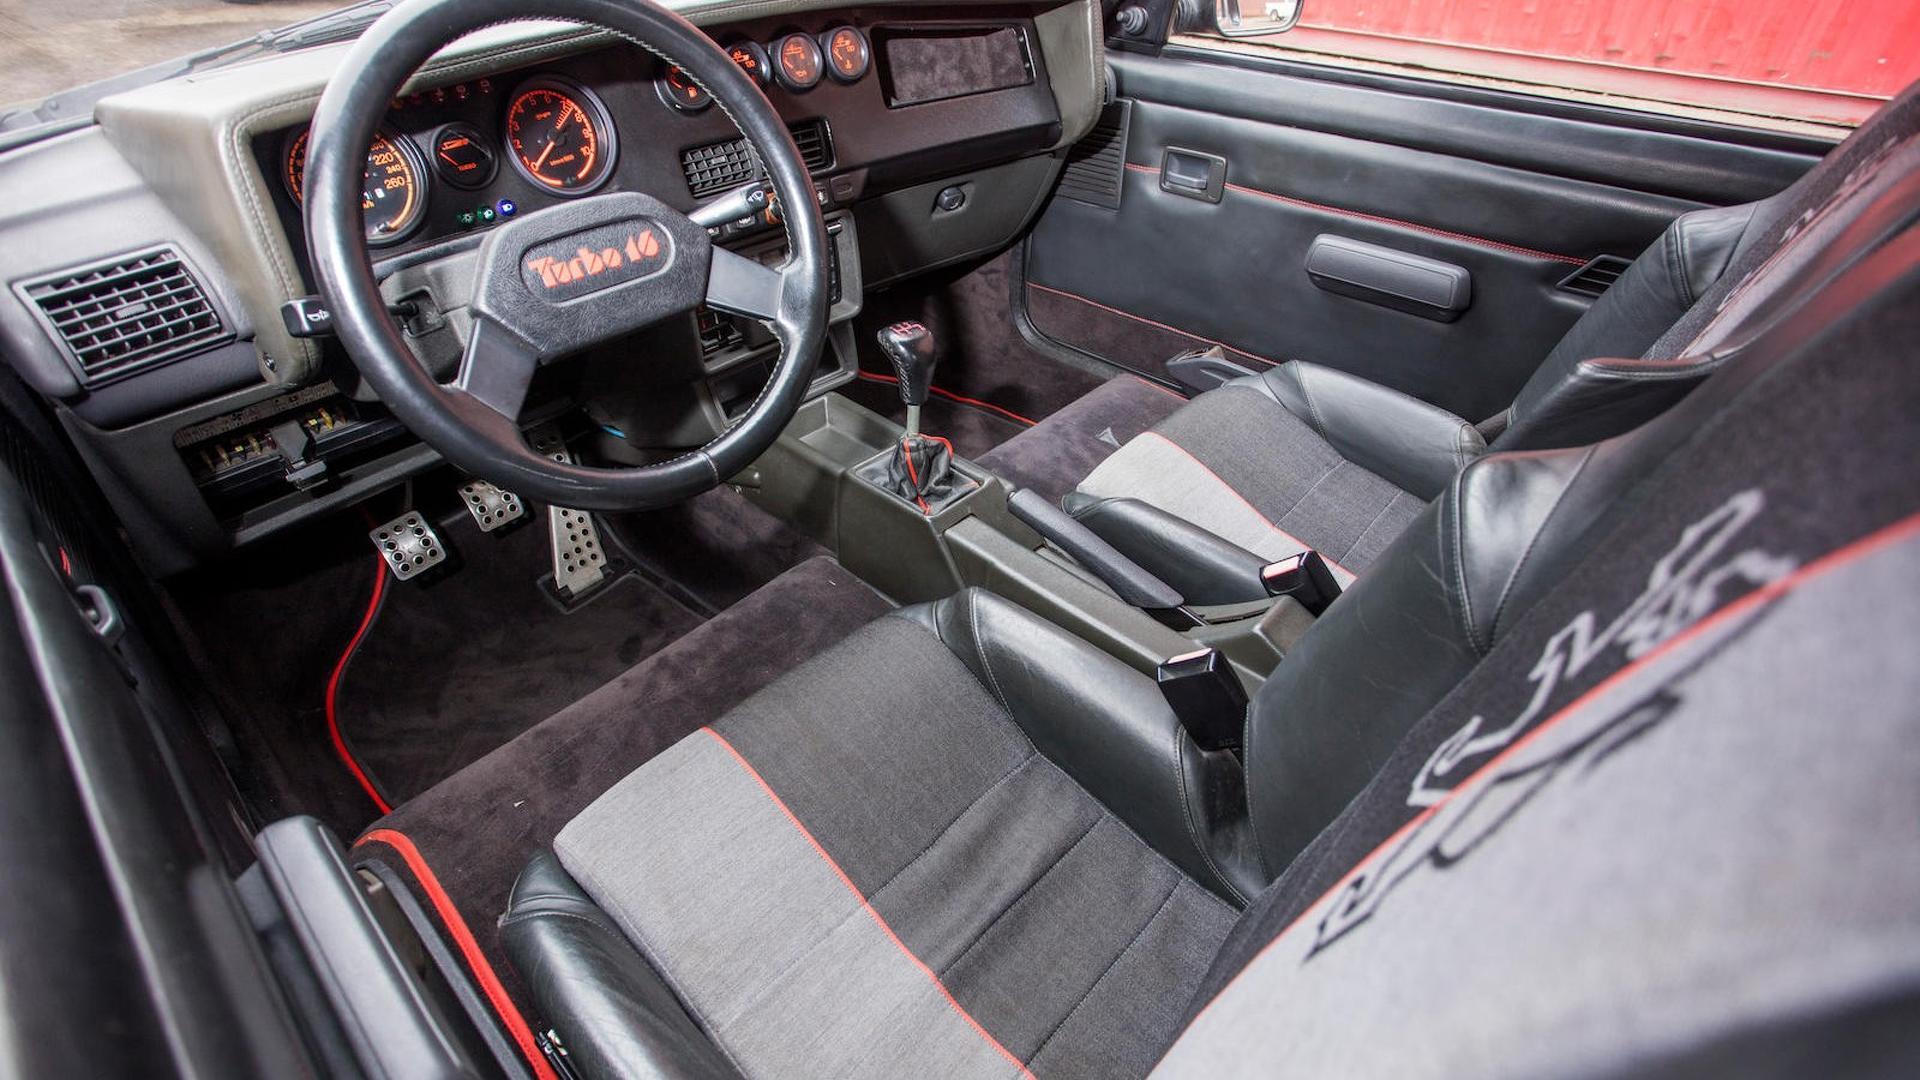 1985_Peugeot_205_Turbo_16_37